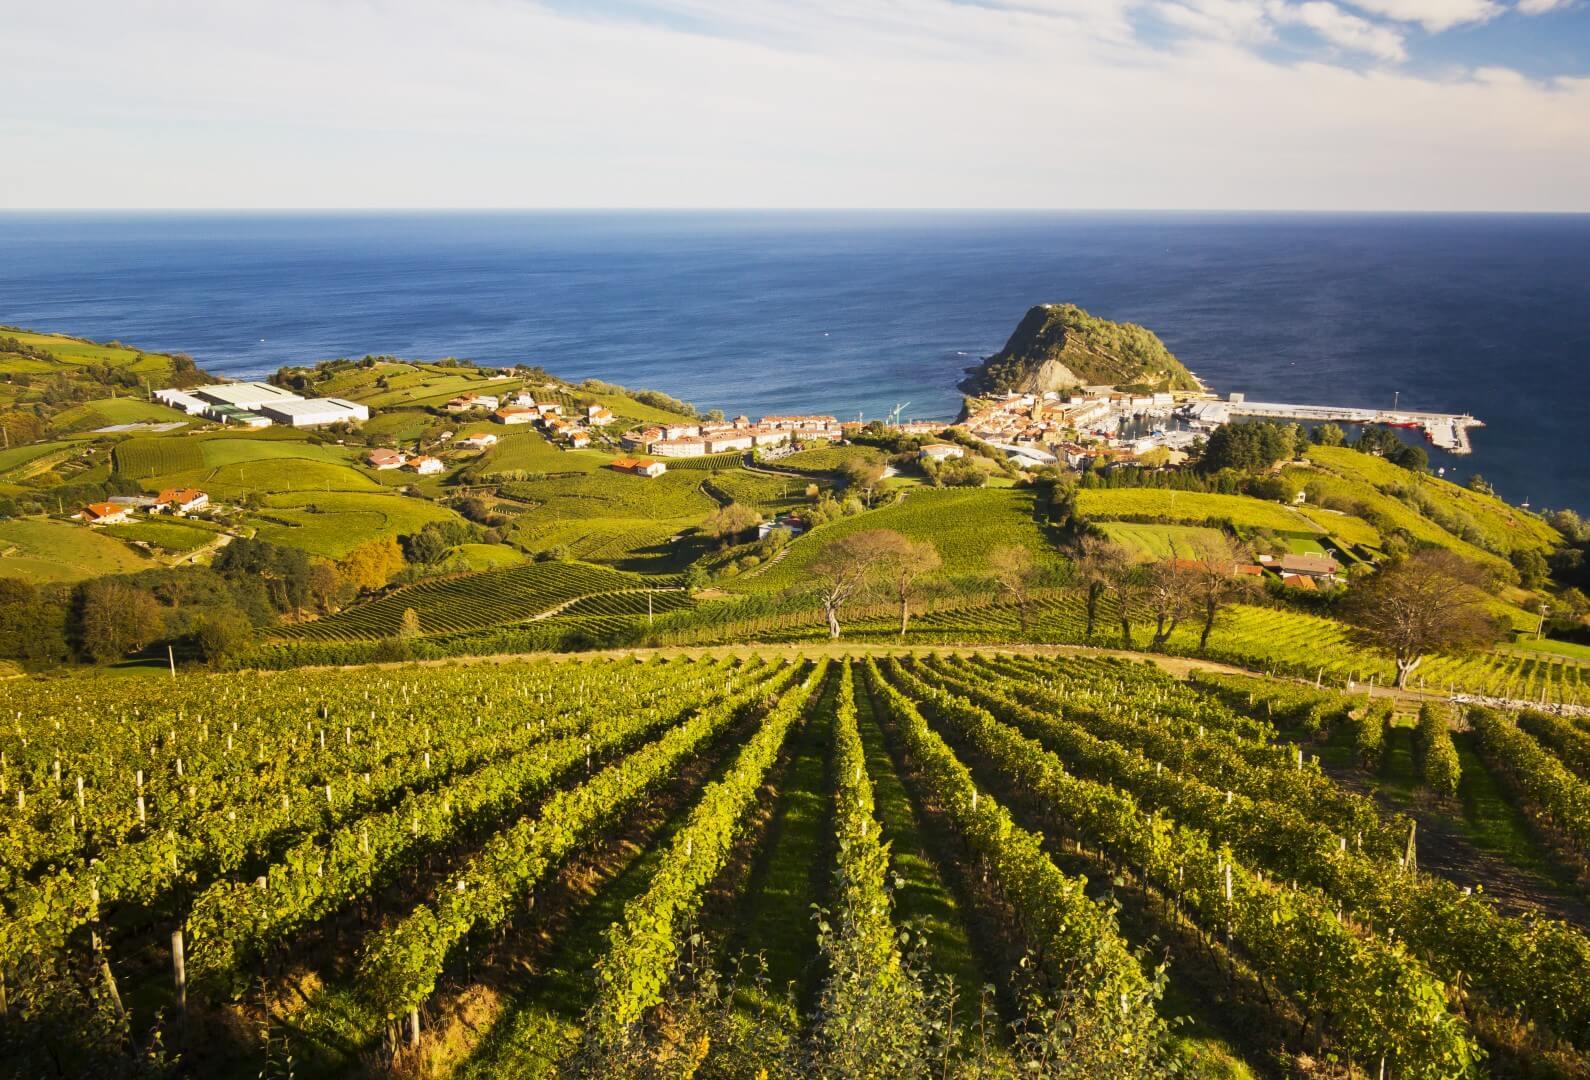 destinos de playa más baratosSpain_Basque Country_Gipuzkoa_Zarautz_Fotolia (1)